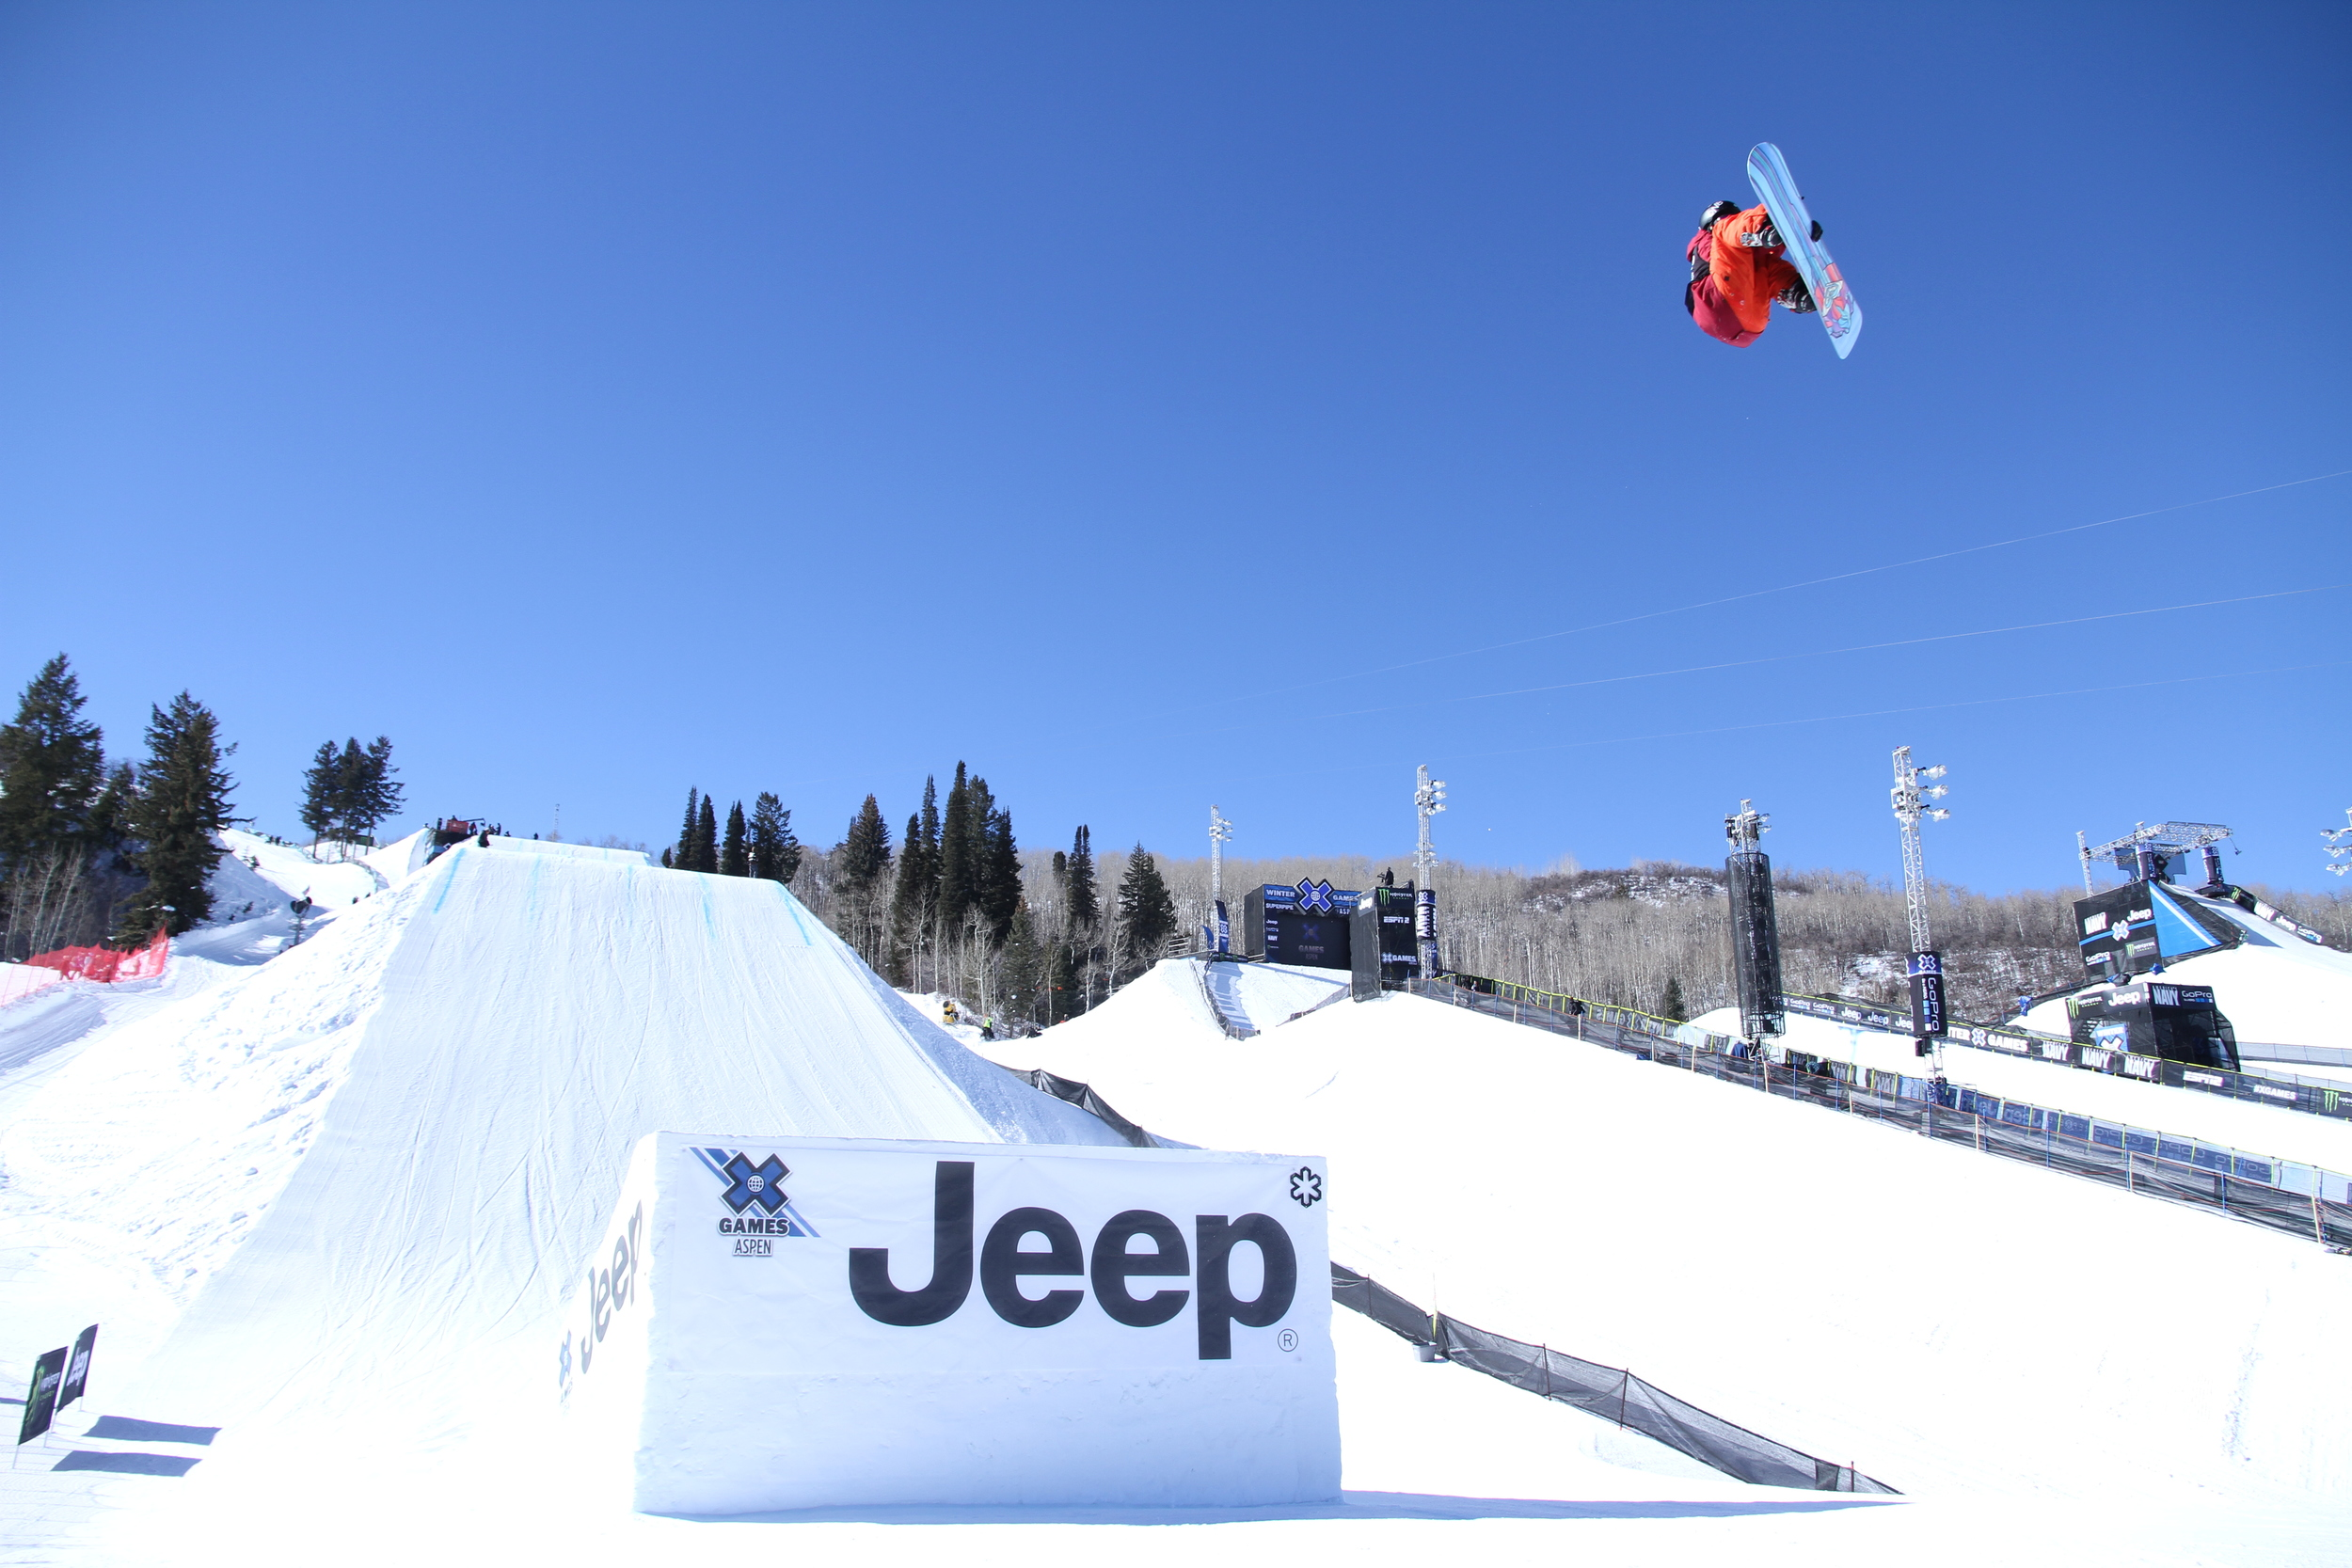 XGames slopestyle 2014 - Photo by Thomas Harstad